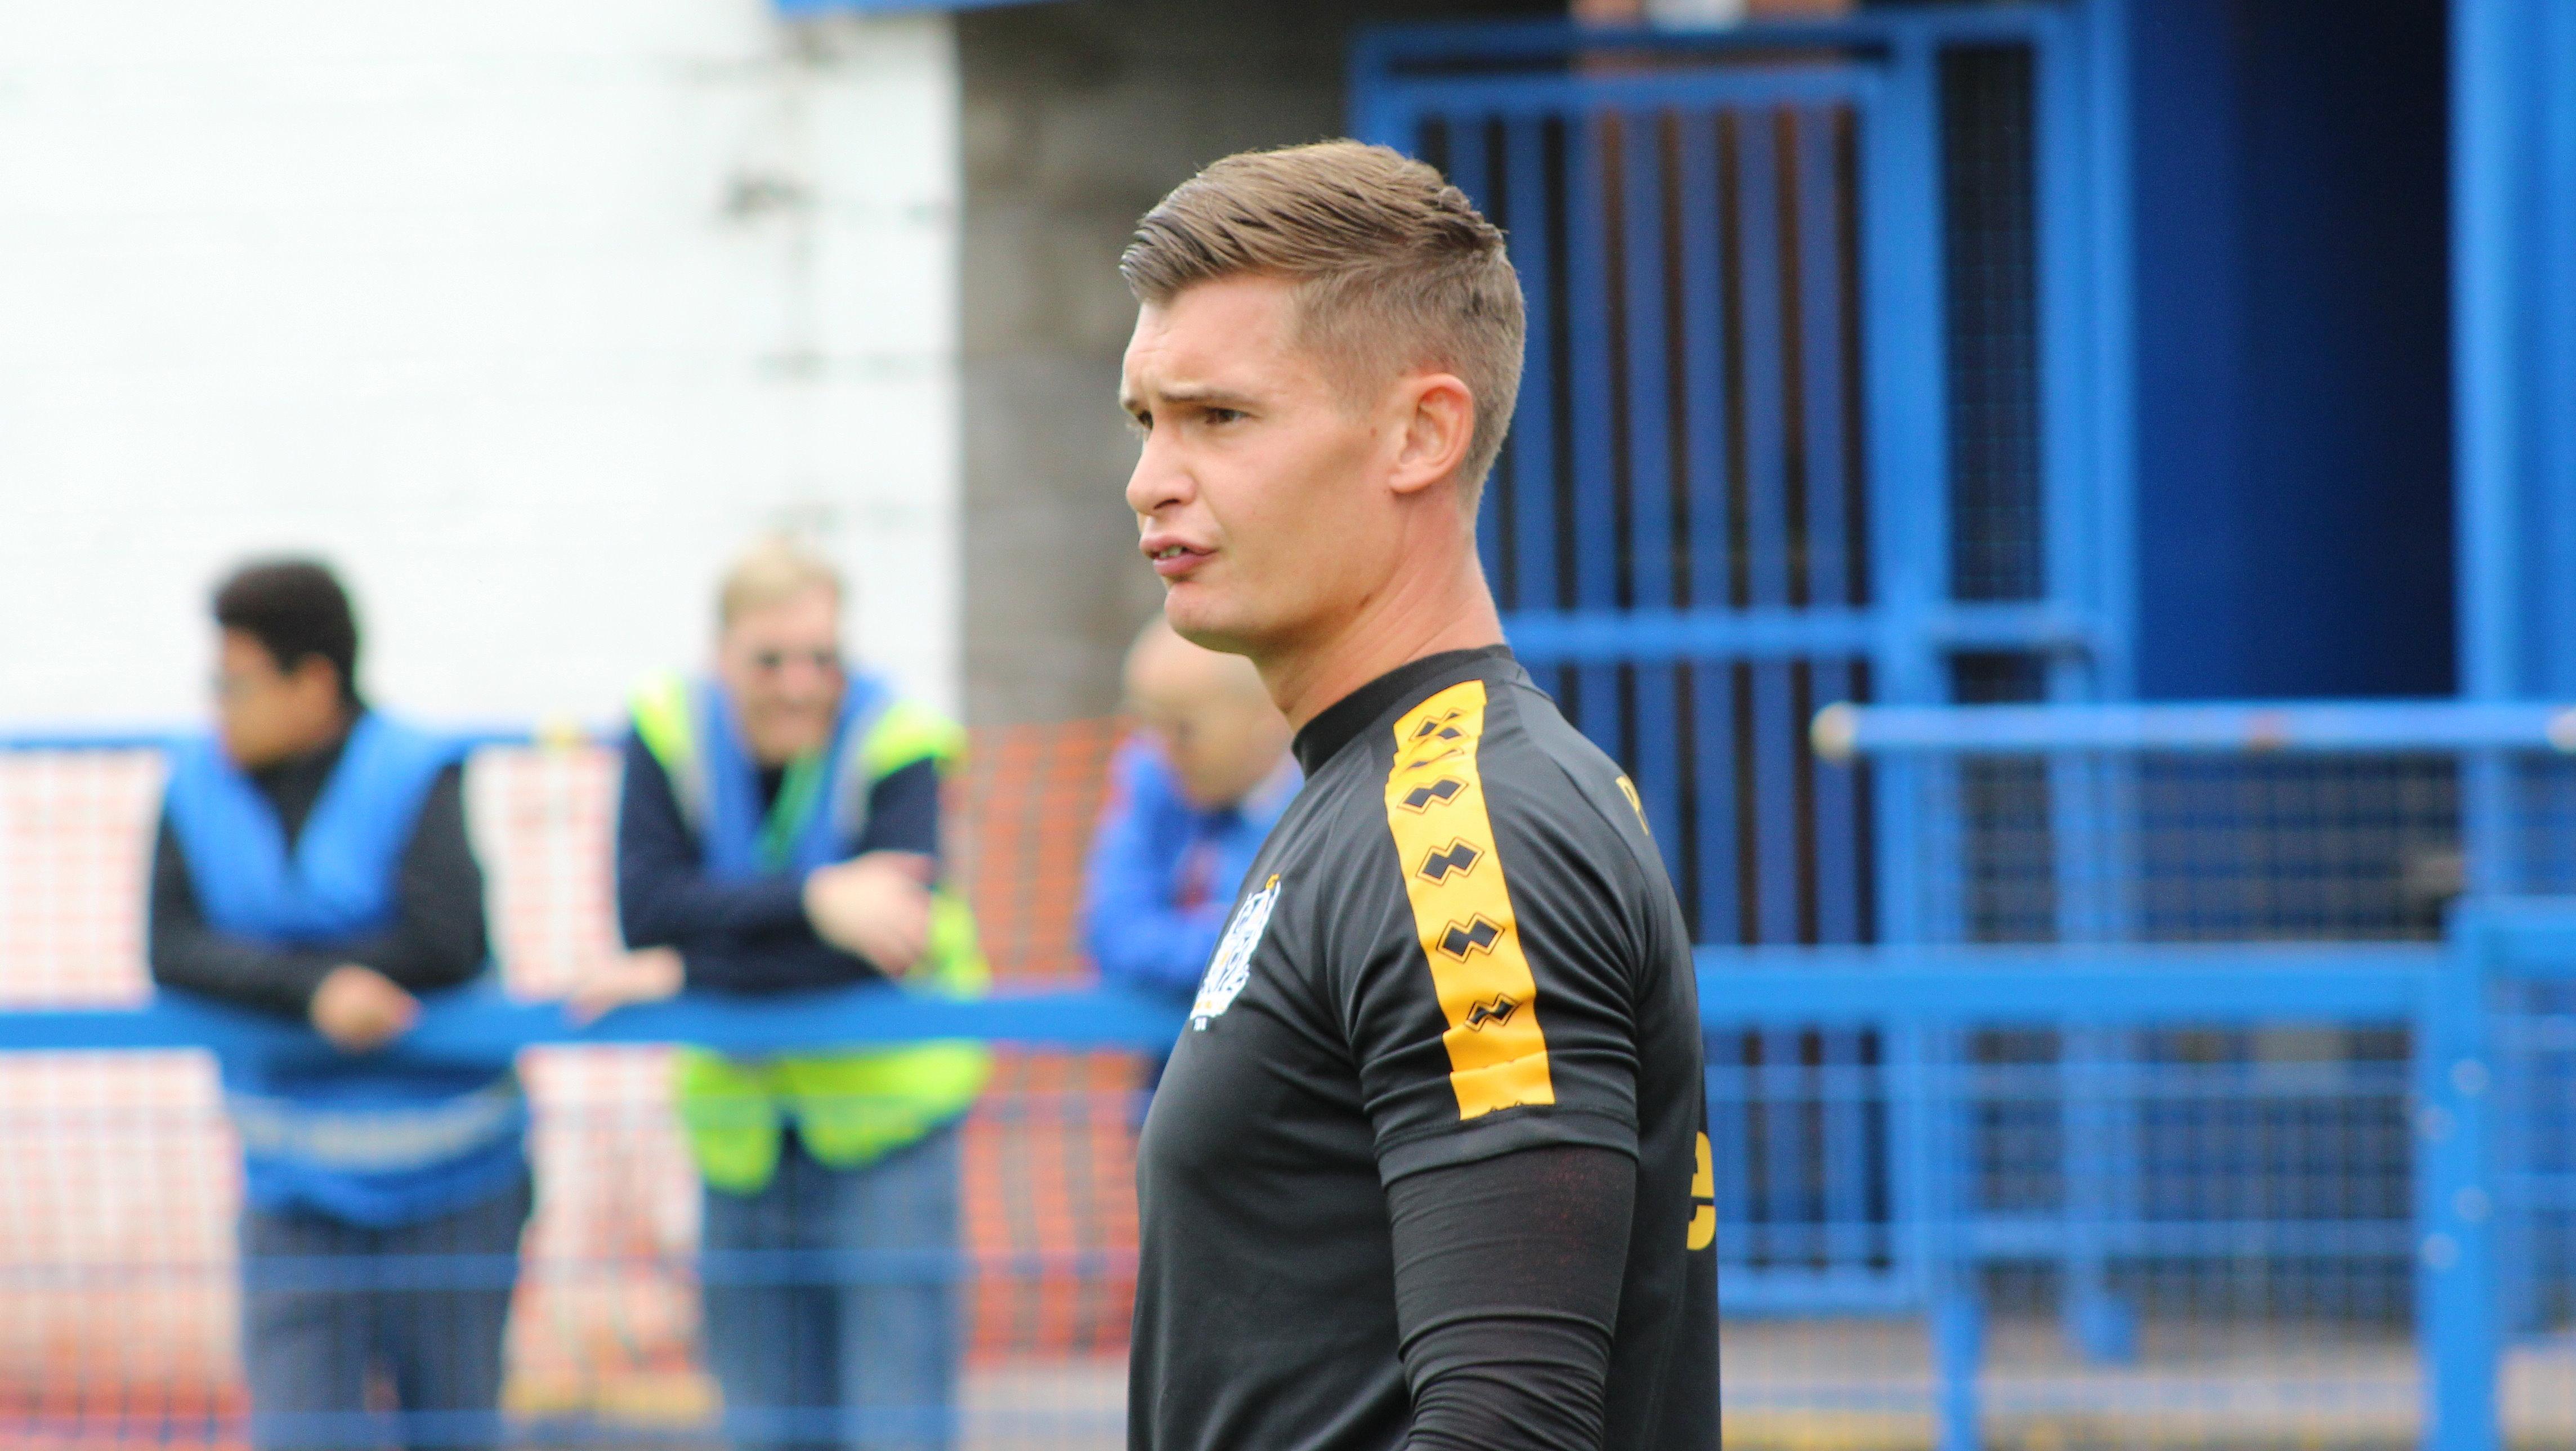 Port Vale FC goalkeeper Jonny Maddison